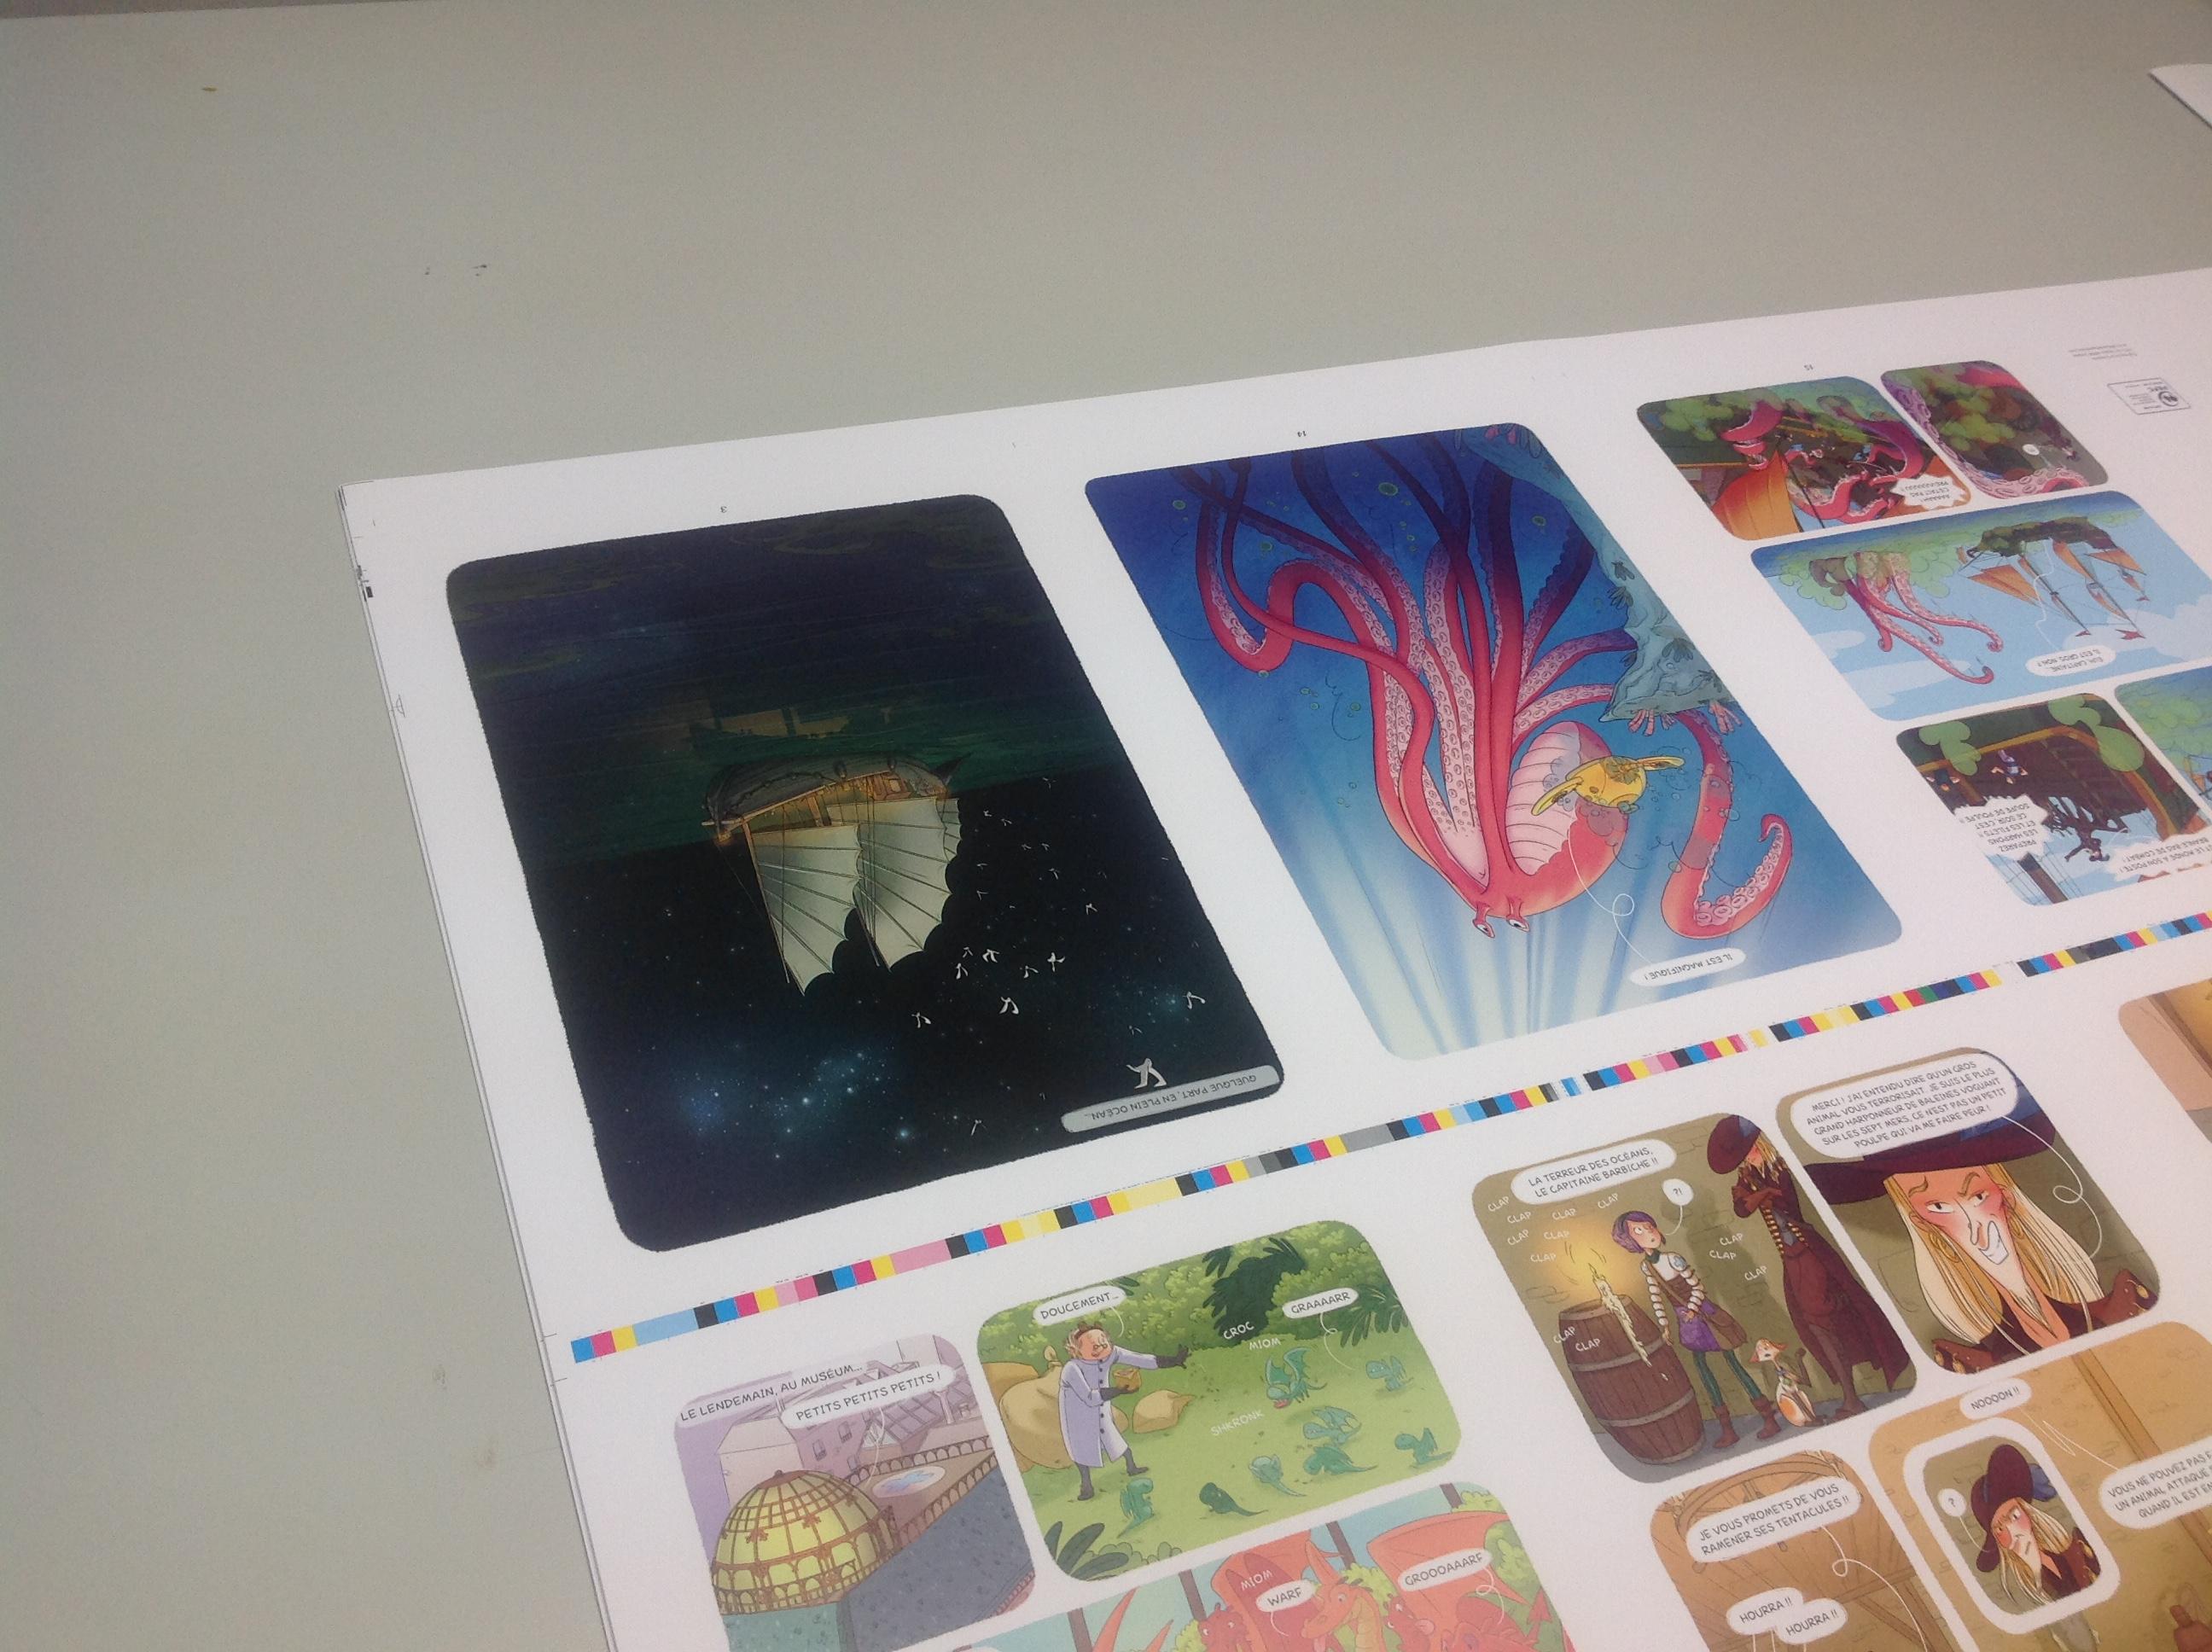 Coulisse Enola 3 les planches de bandes dessinées Editions de la Gouttière-